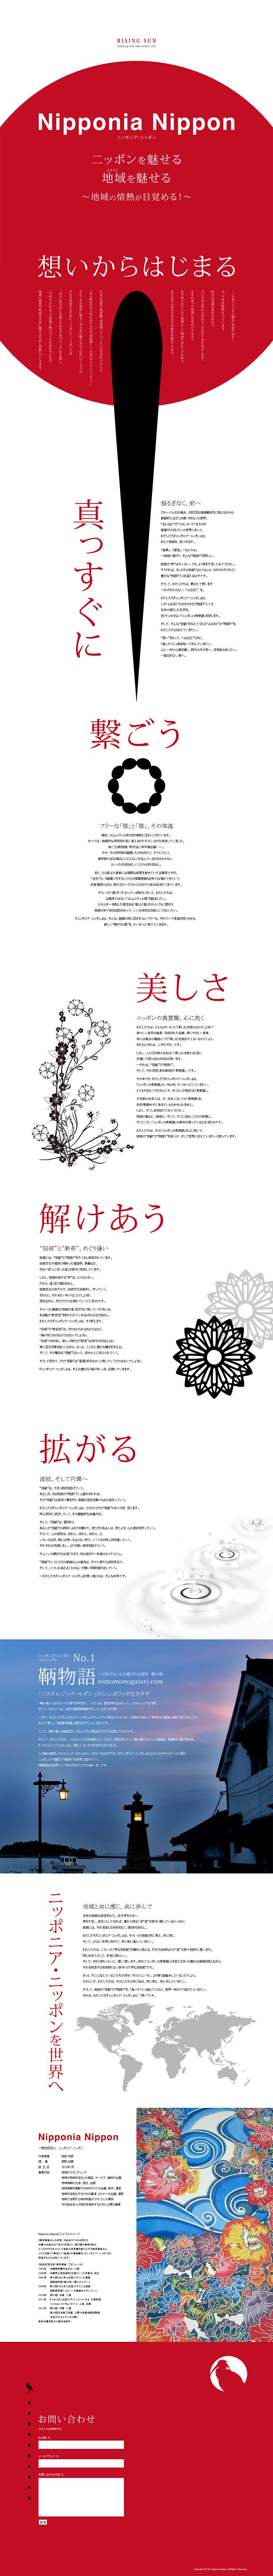 一般社団法人 ニッポニア・ニッポン